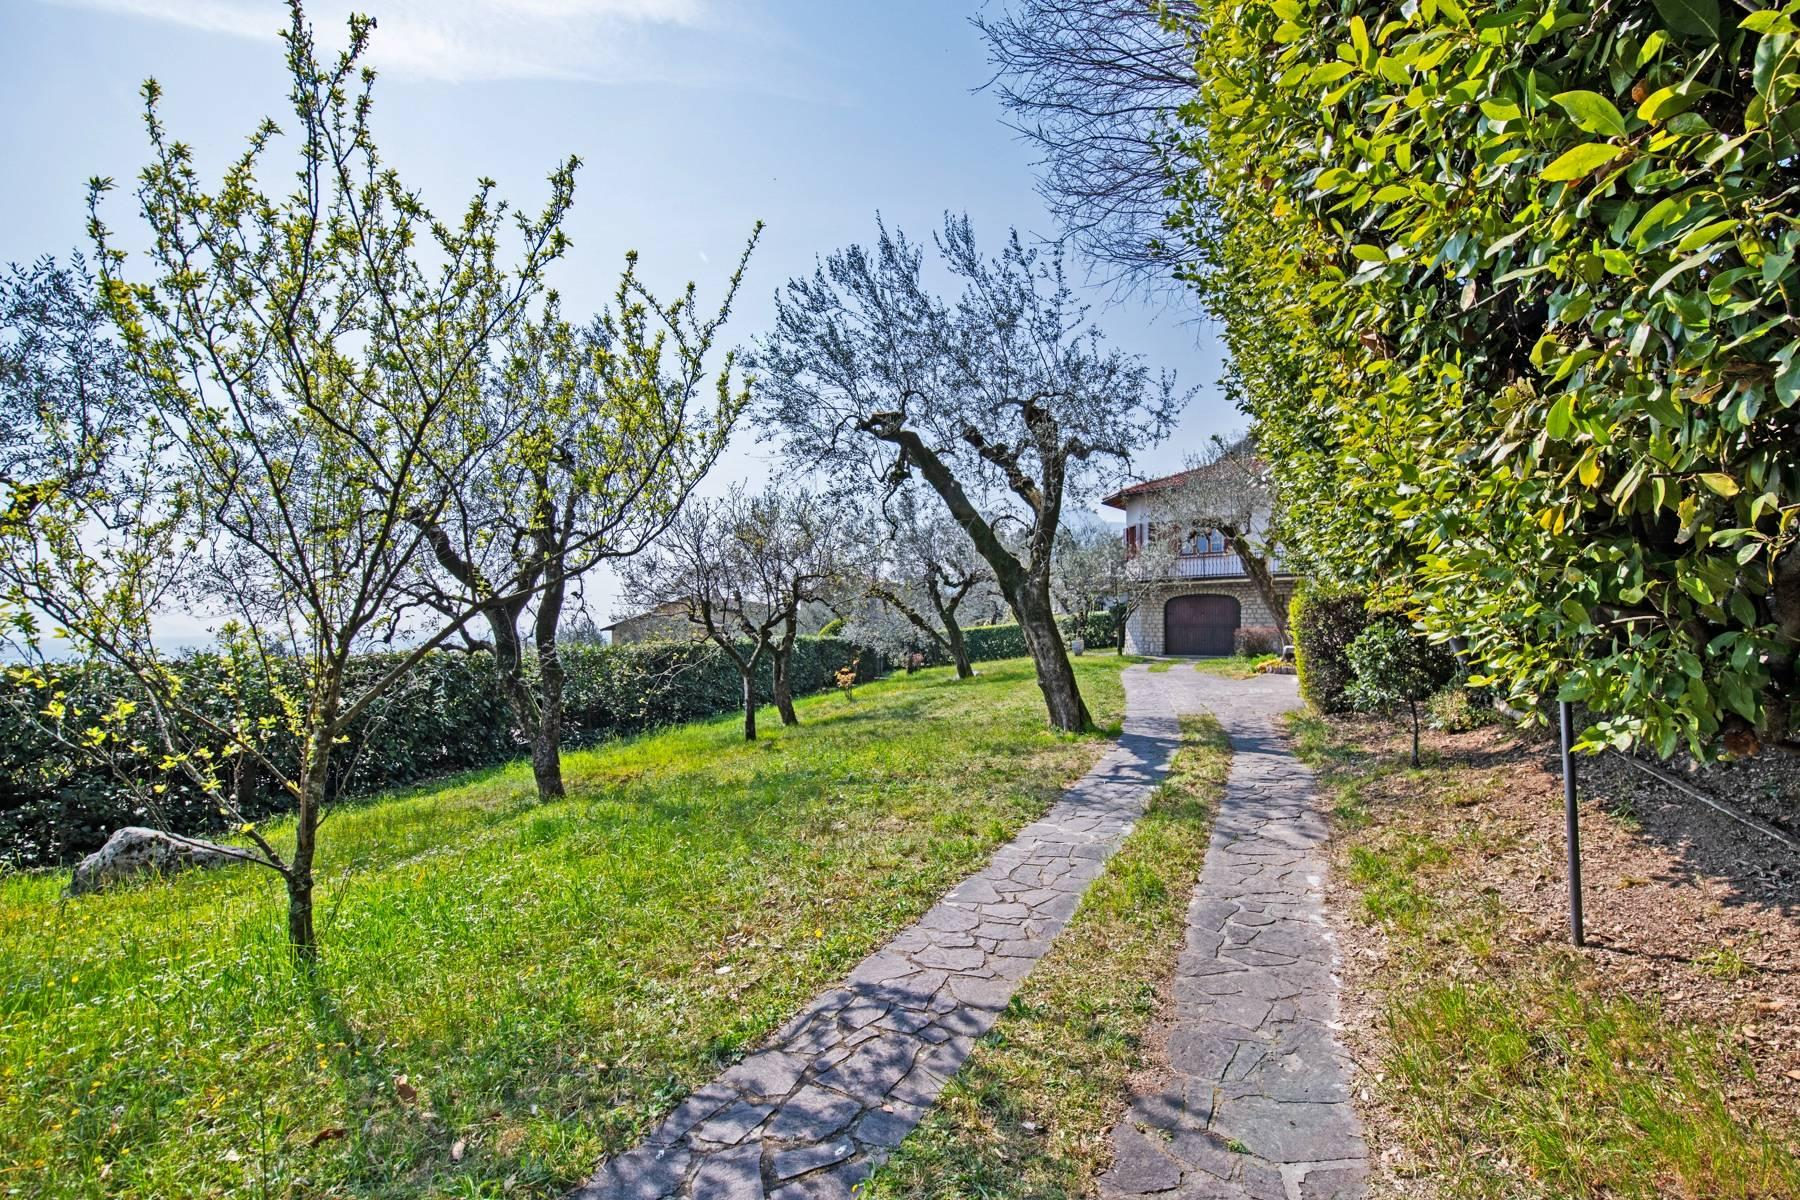 Villa in Gargnano inmitten der Olivenbäume vom Gardasee mit herrlichem Seeblick - 33